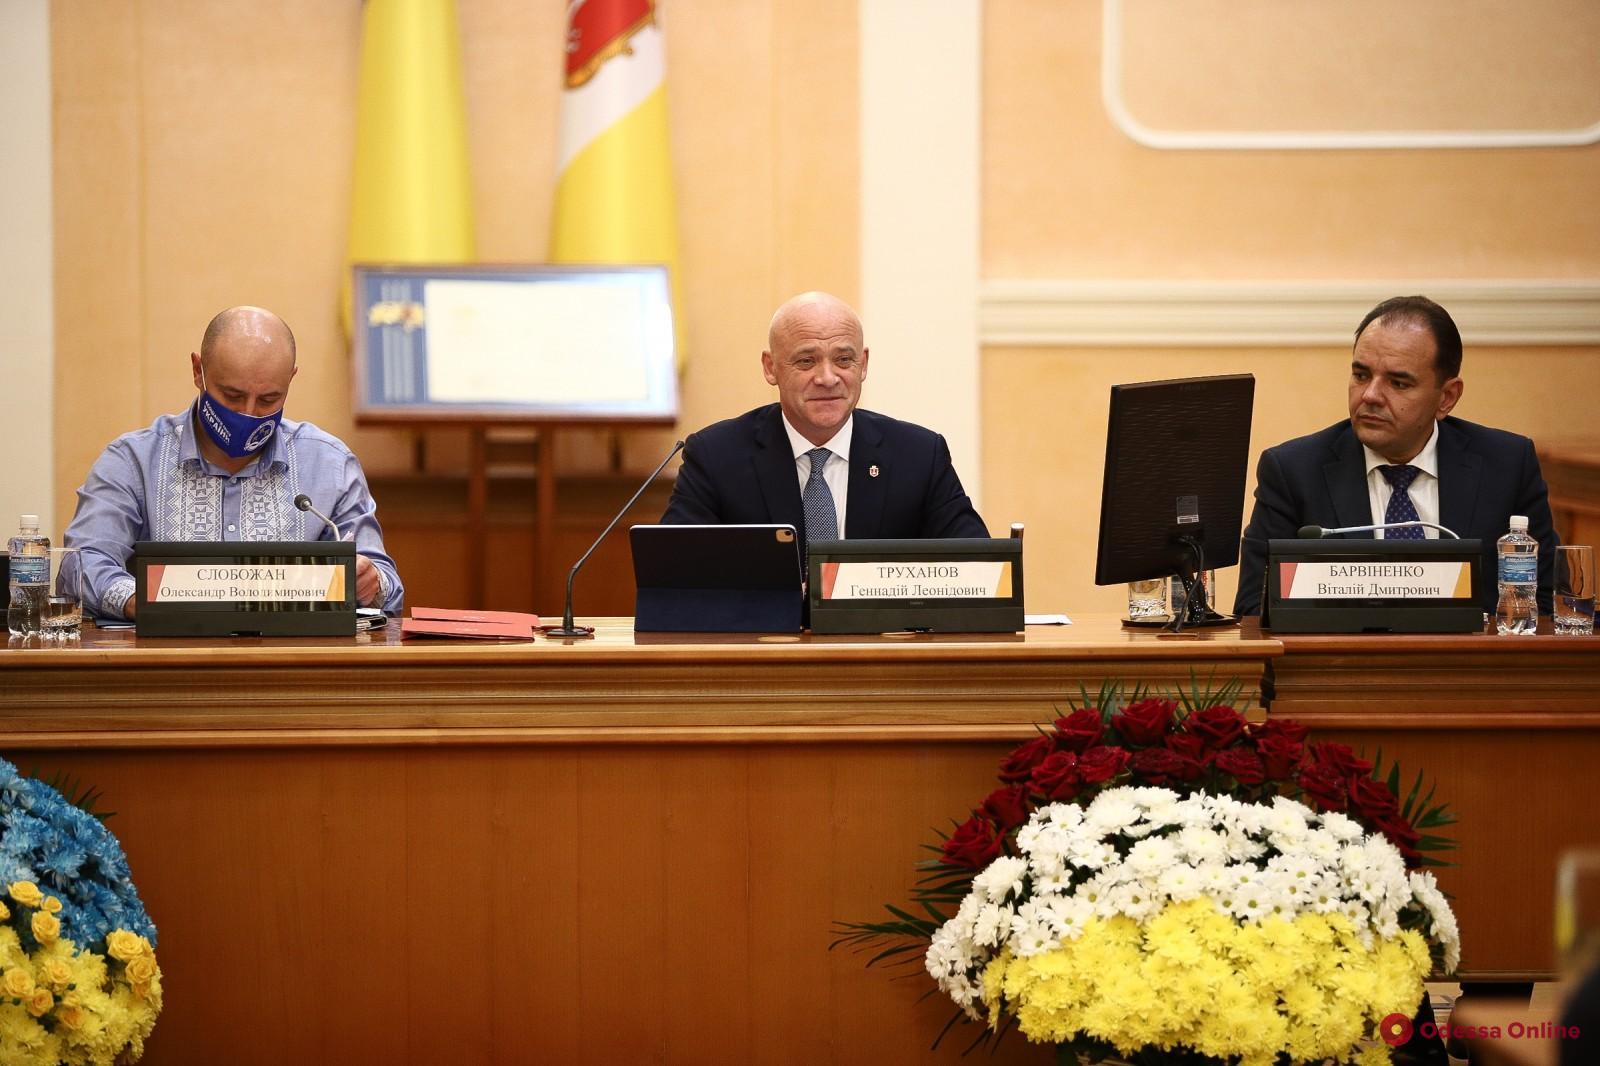 Геннадий Труханов возглавил Одесское региональное отделение Ассоциации городов Украины